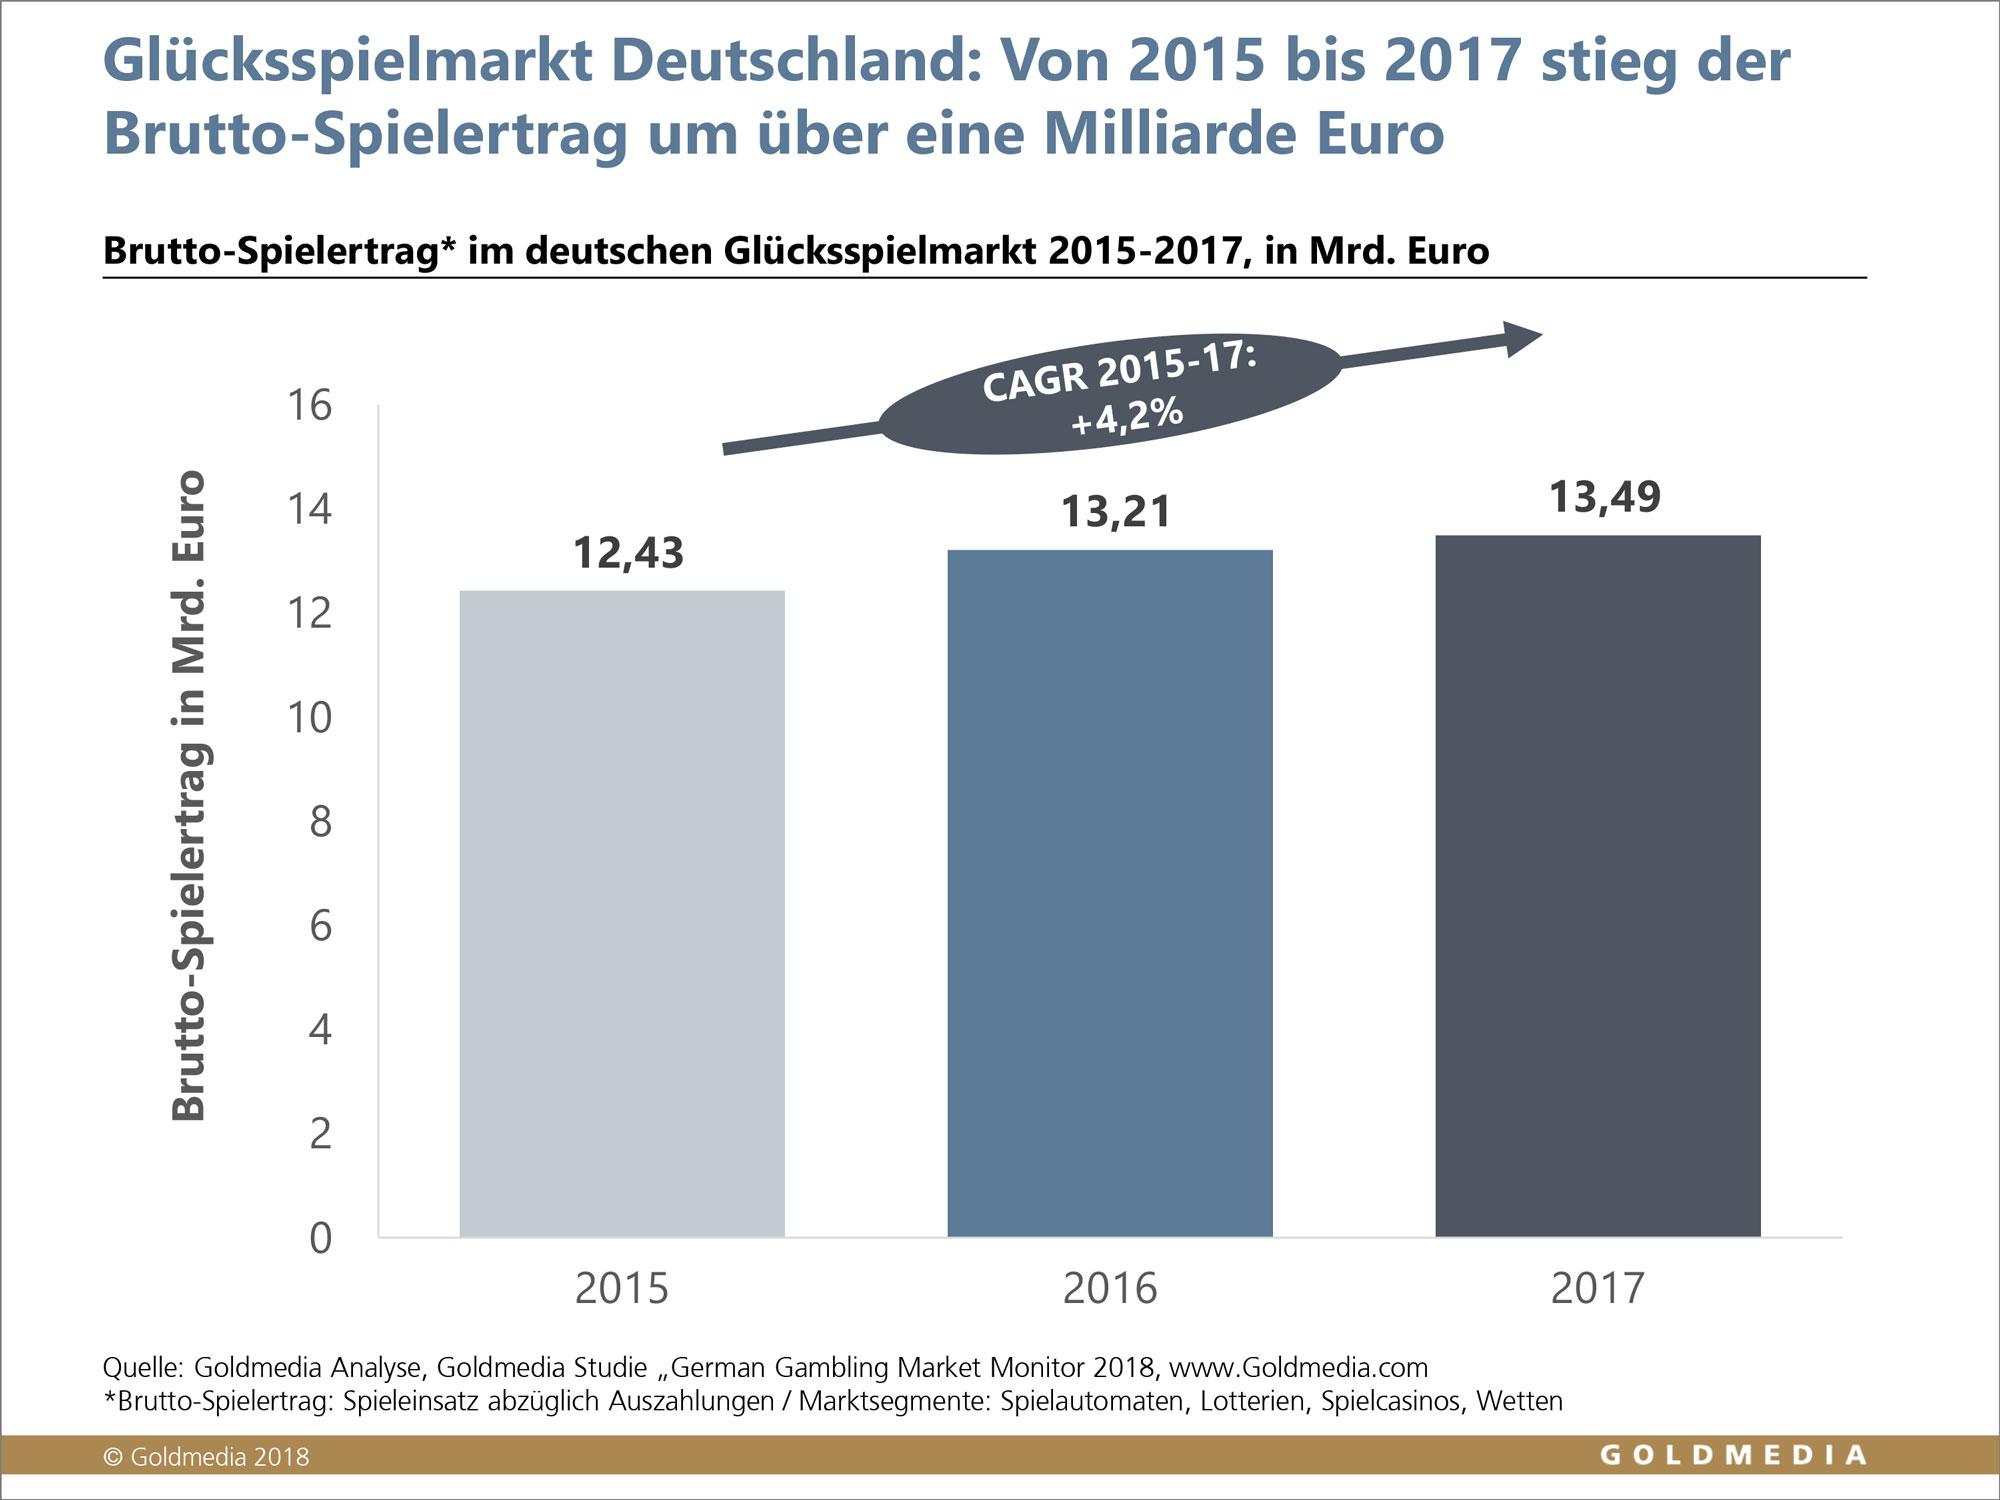 Goldmedia Glücksspielmarkt in Deutschland wächst 2017 um 300 Mio. Euro